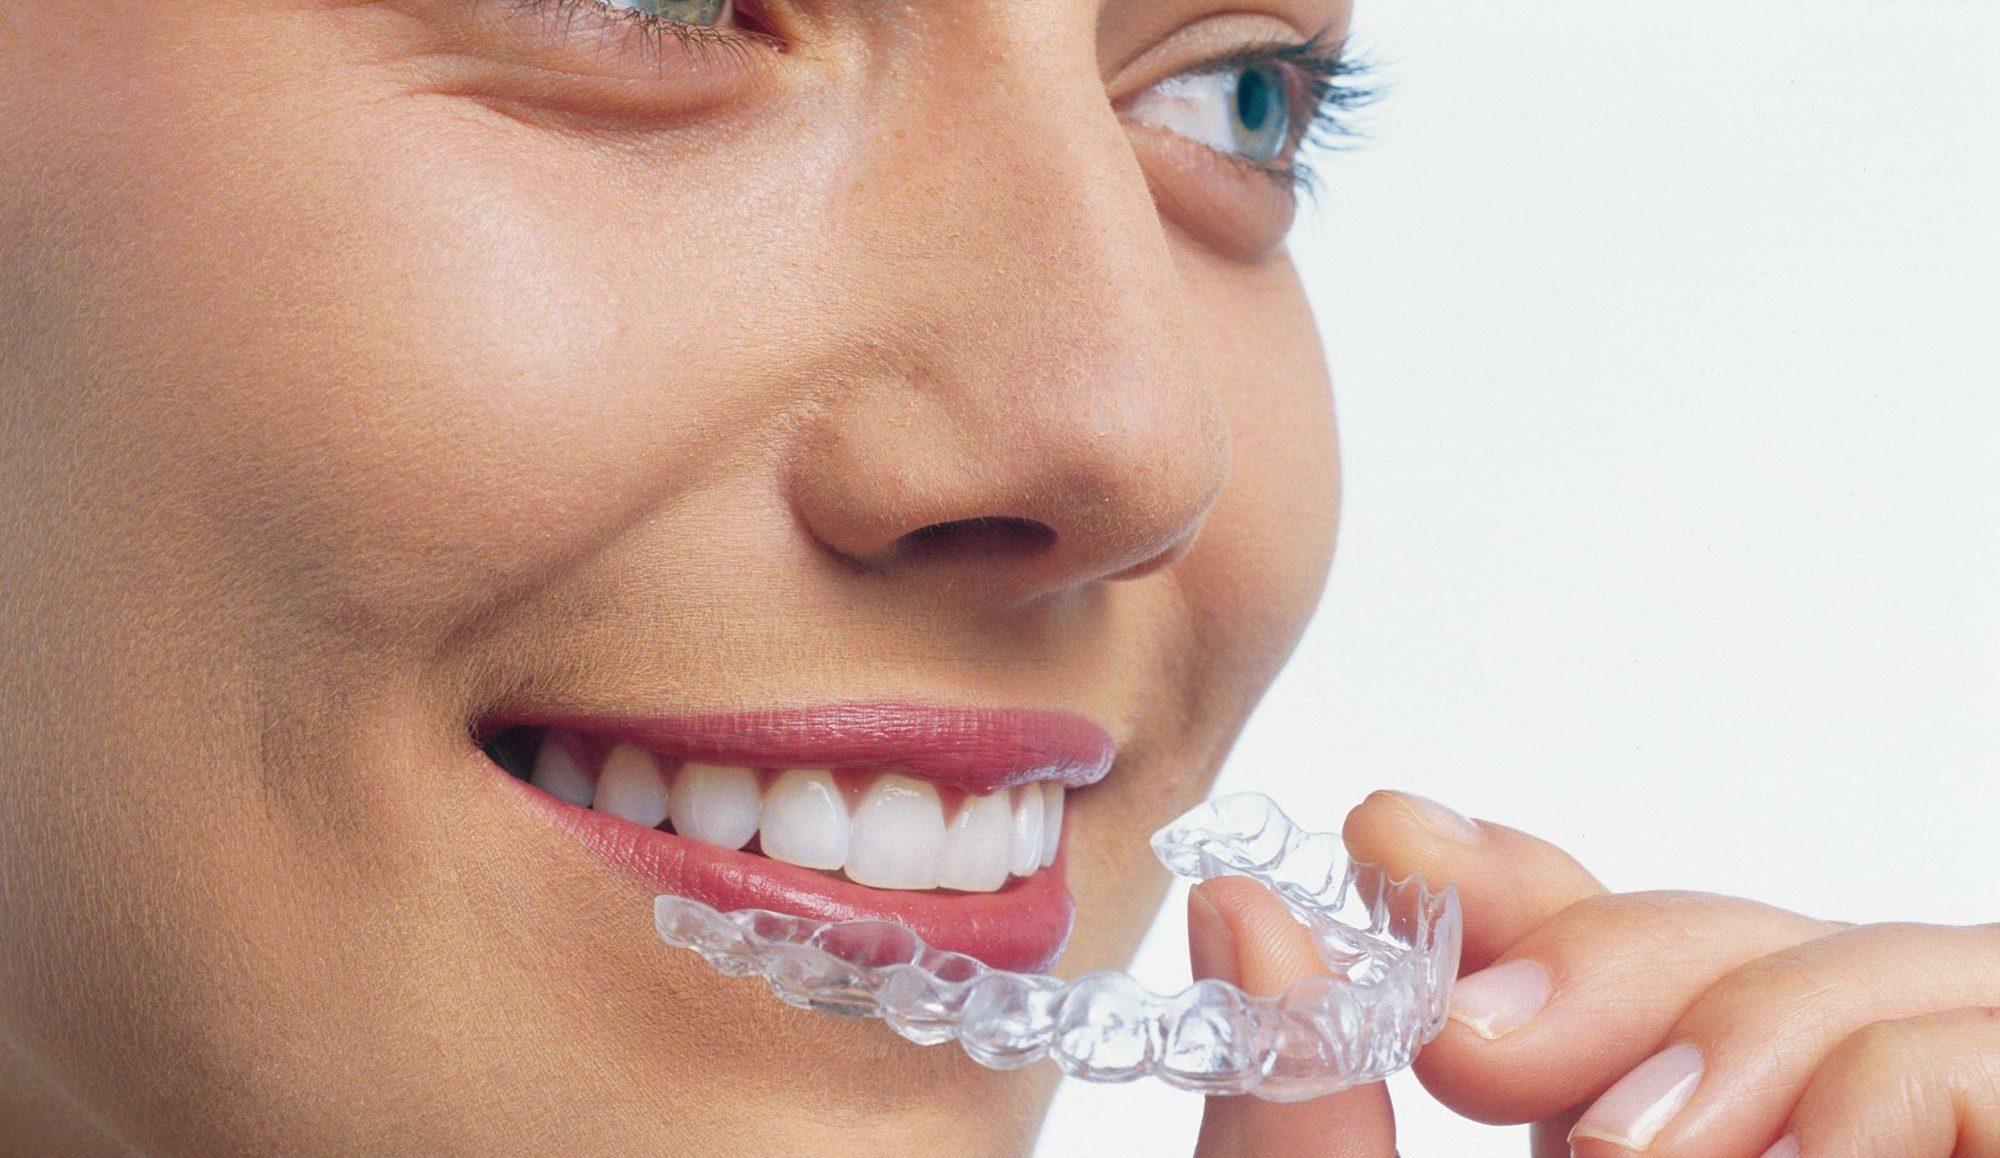 Une orthodontie efficace, discrète pour une satisfaction esthétique.